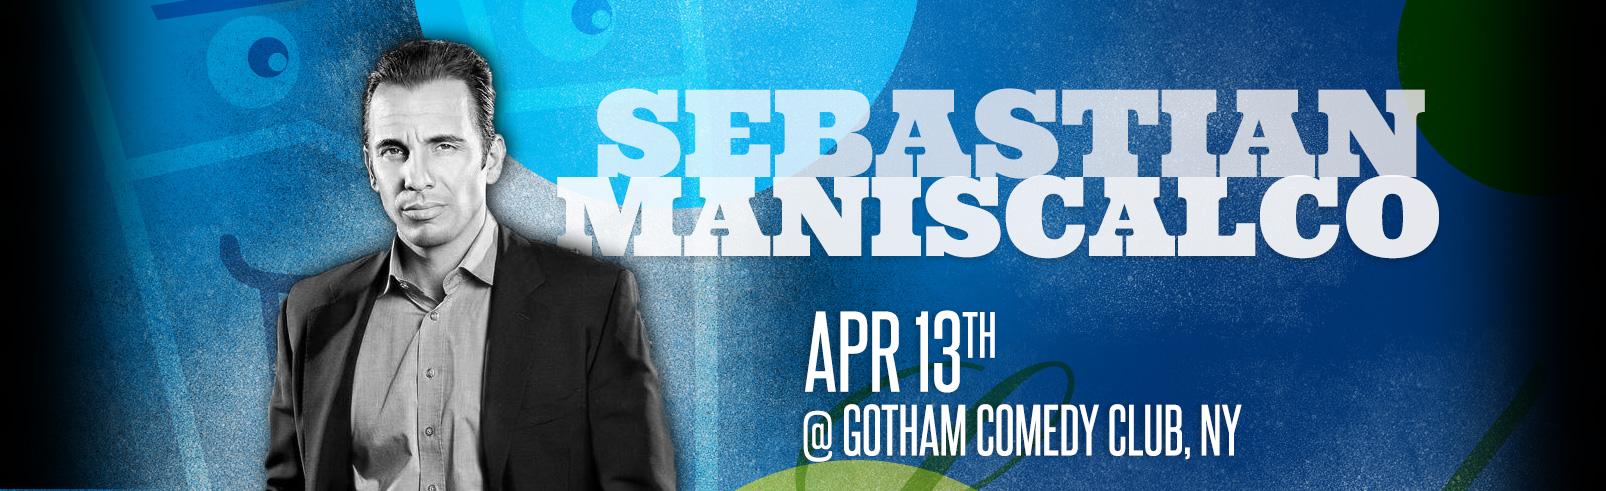 Sebastian Maniscalo @ Gotham Comedy Club